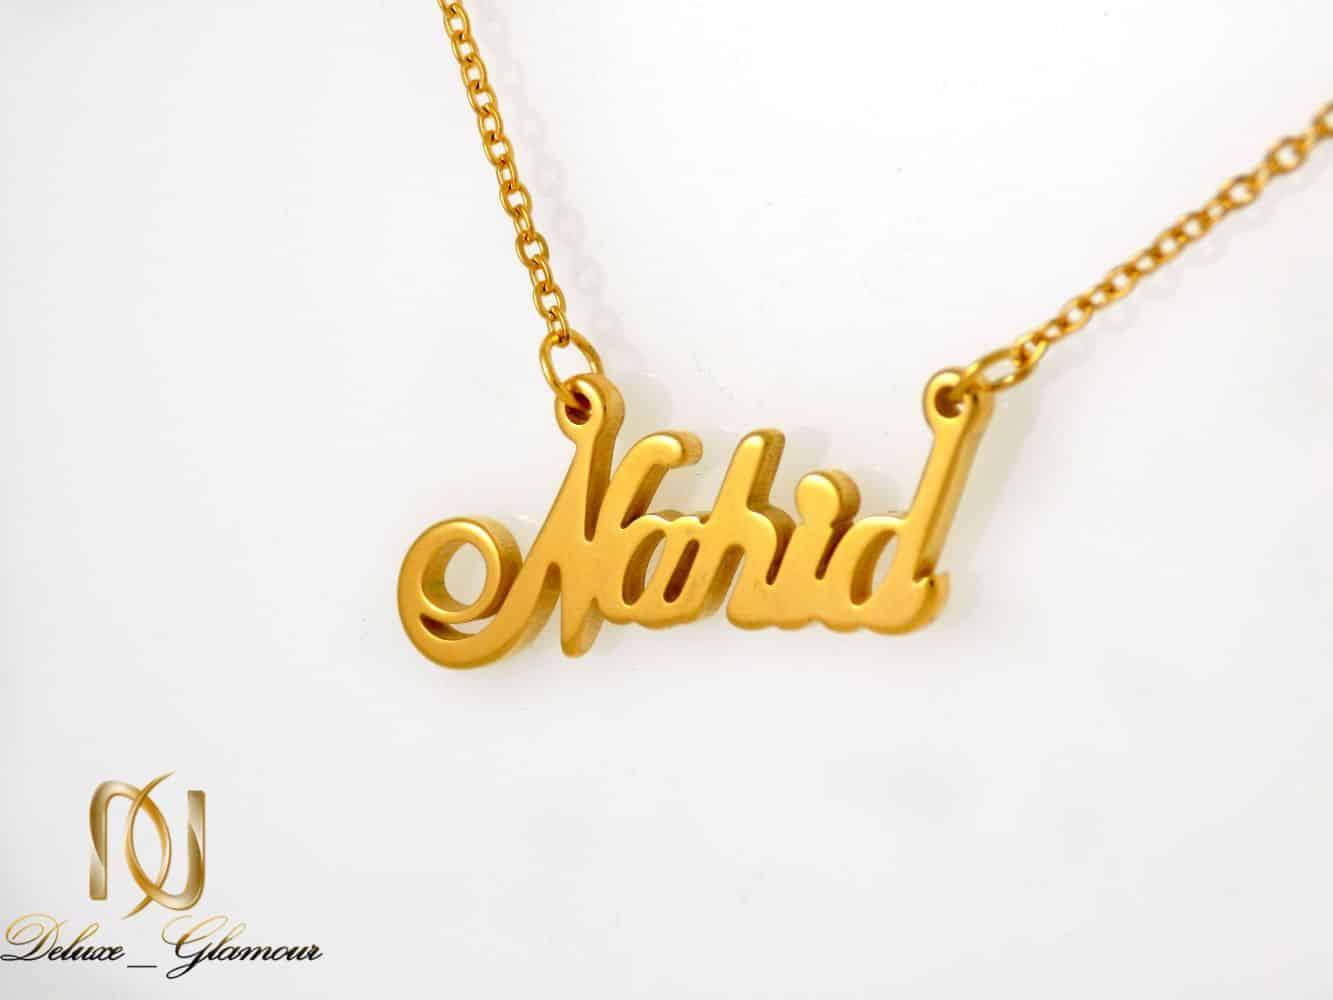 خرید گردنبند اسم ناهید استیل با روکش آب طلای 18 عیار nw-n206